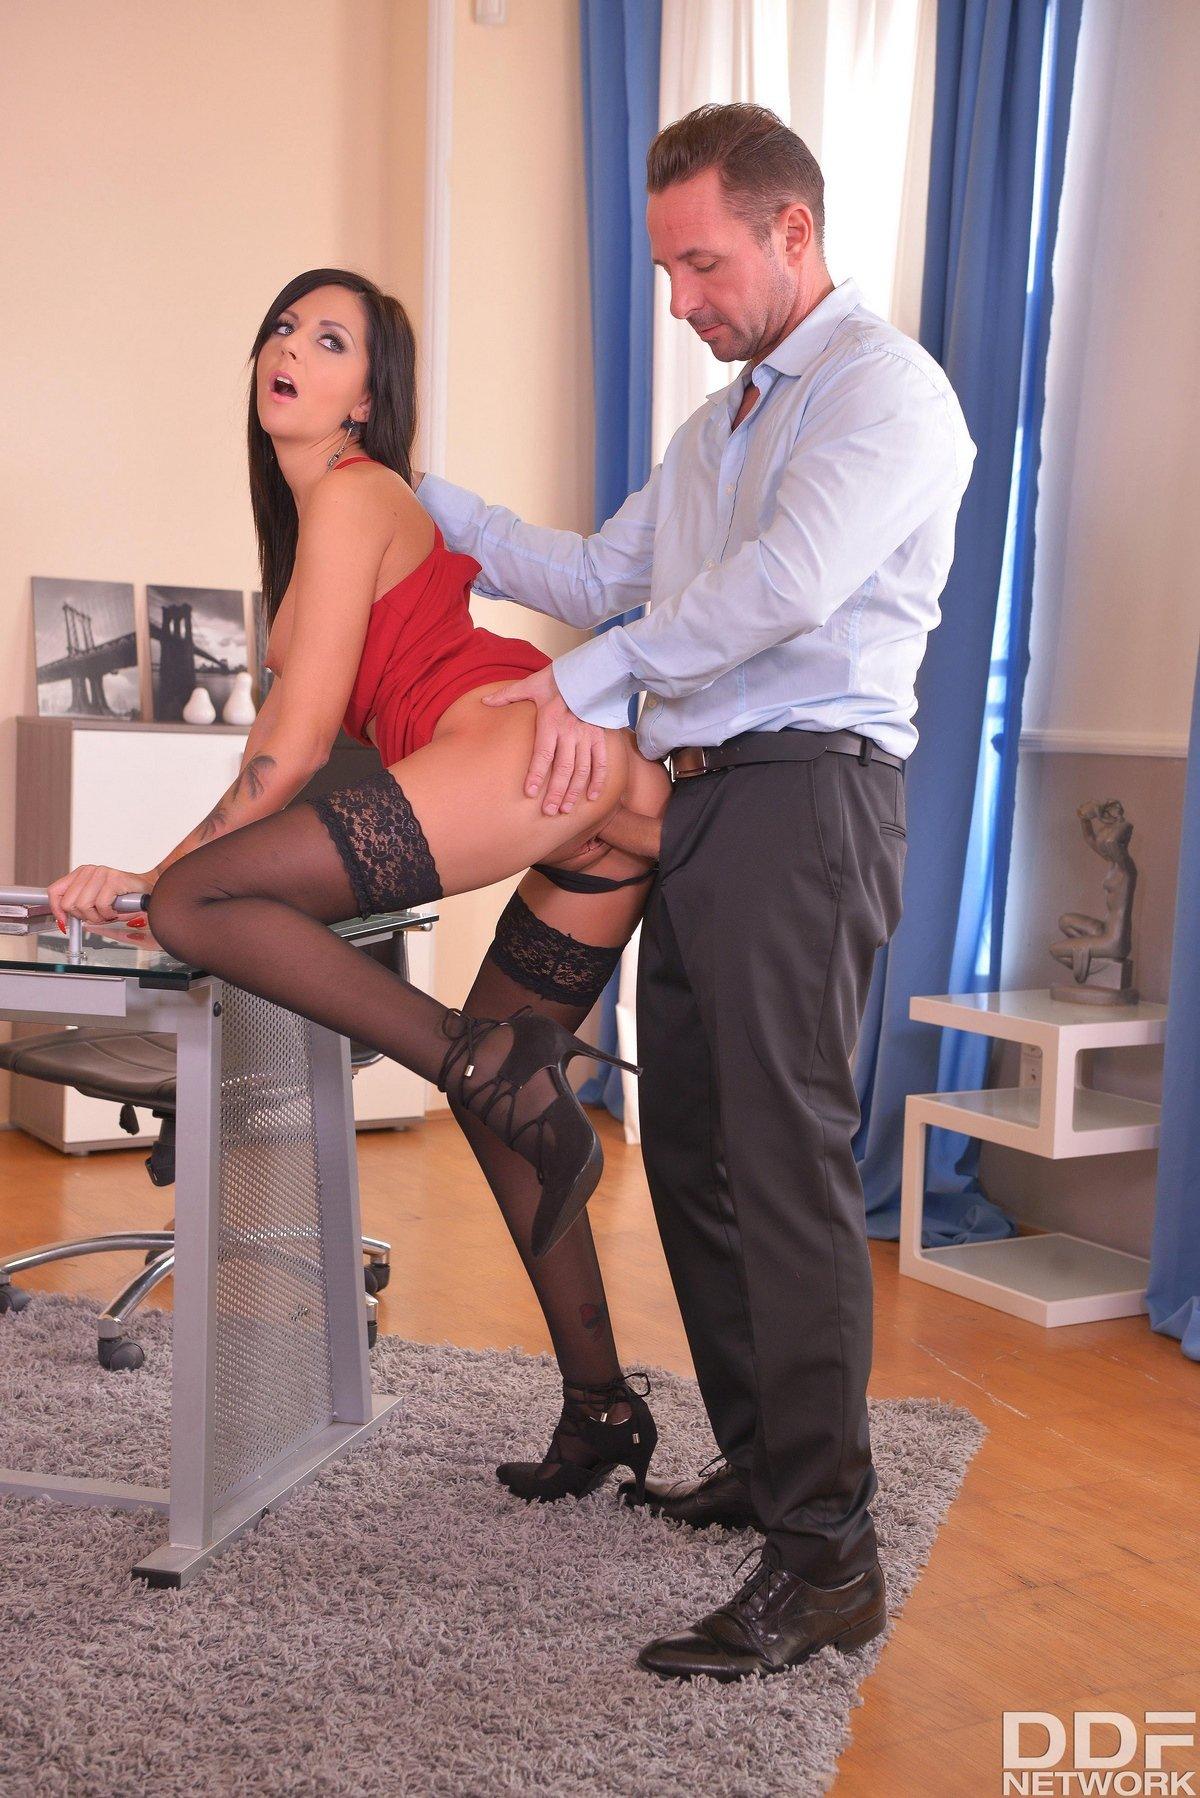 Болгария секретарши эротика — img 2